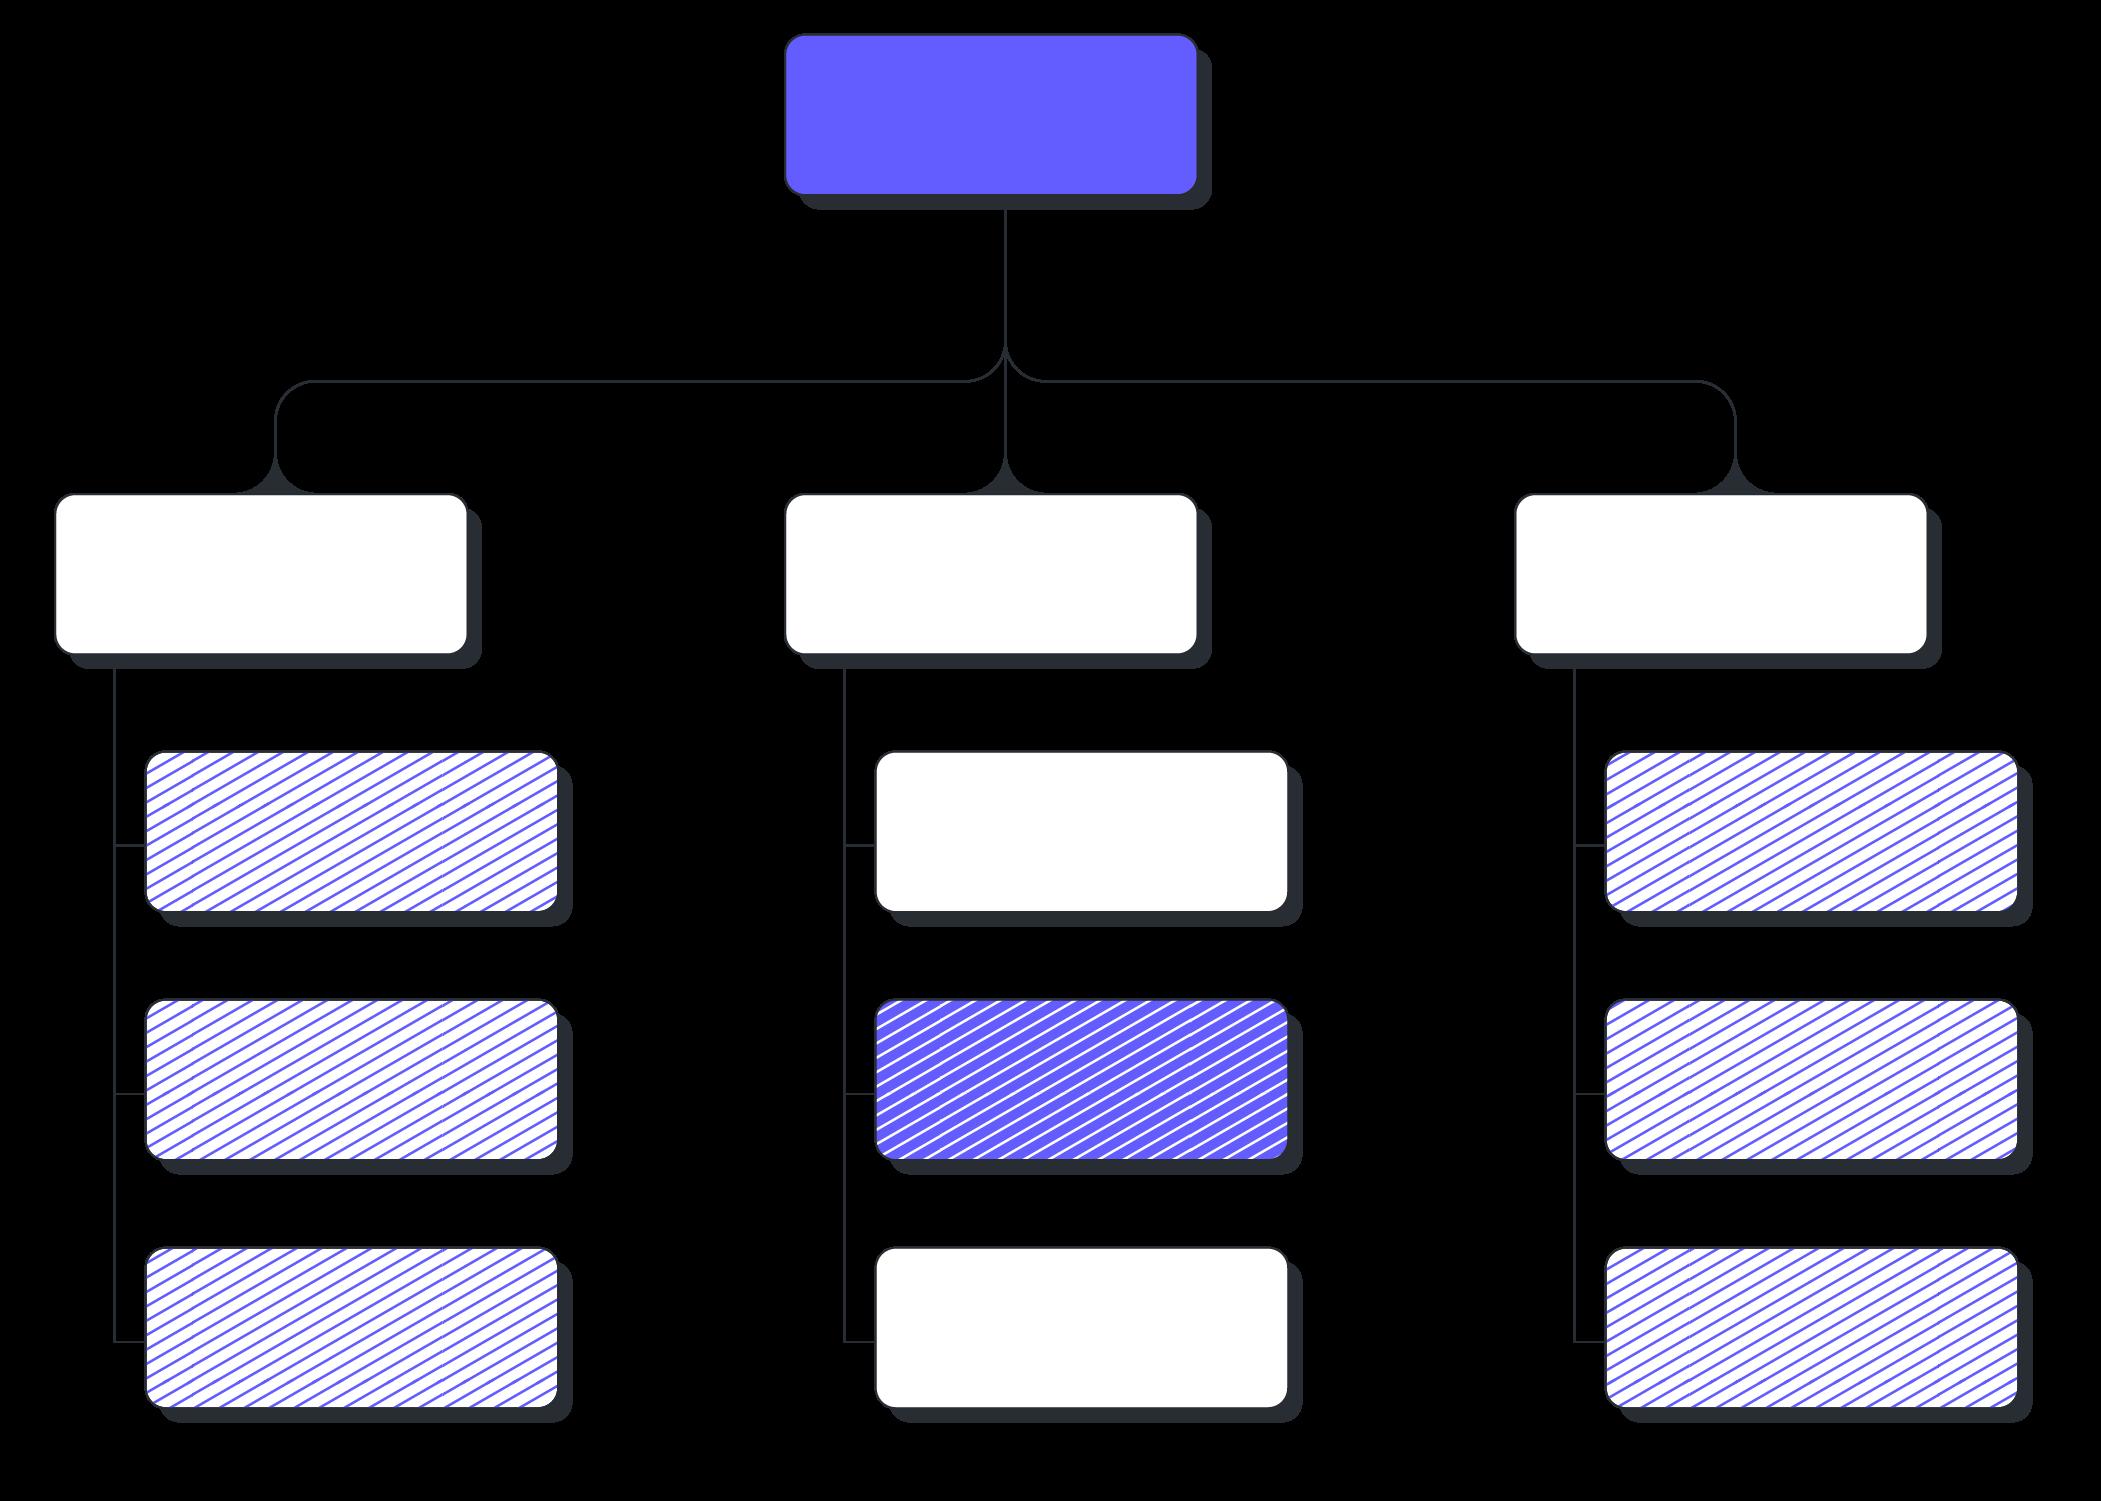 業務フローツールで業務のプロセスを視覚化